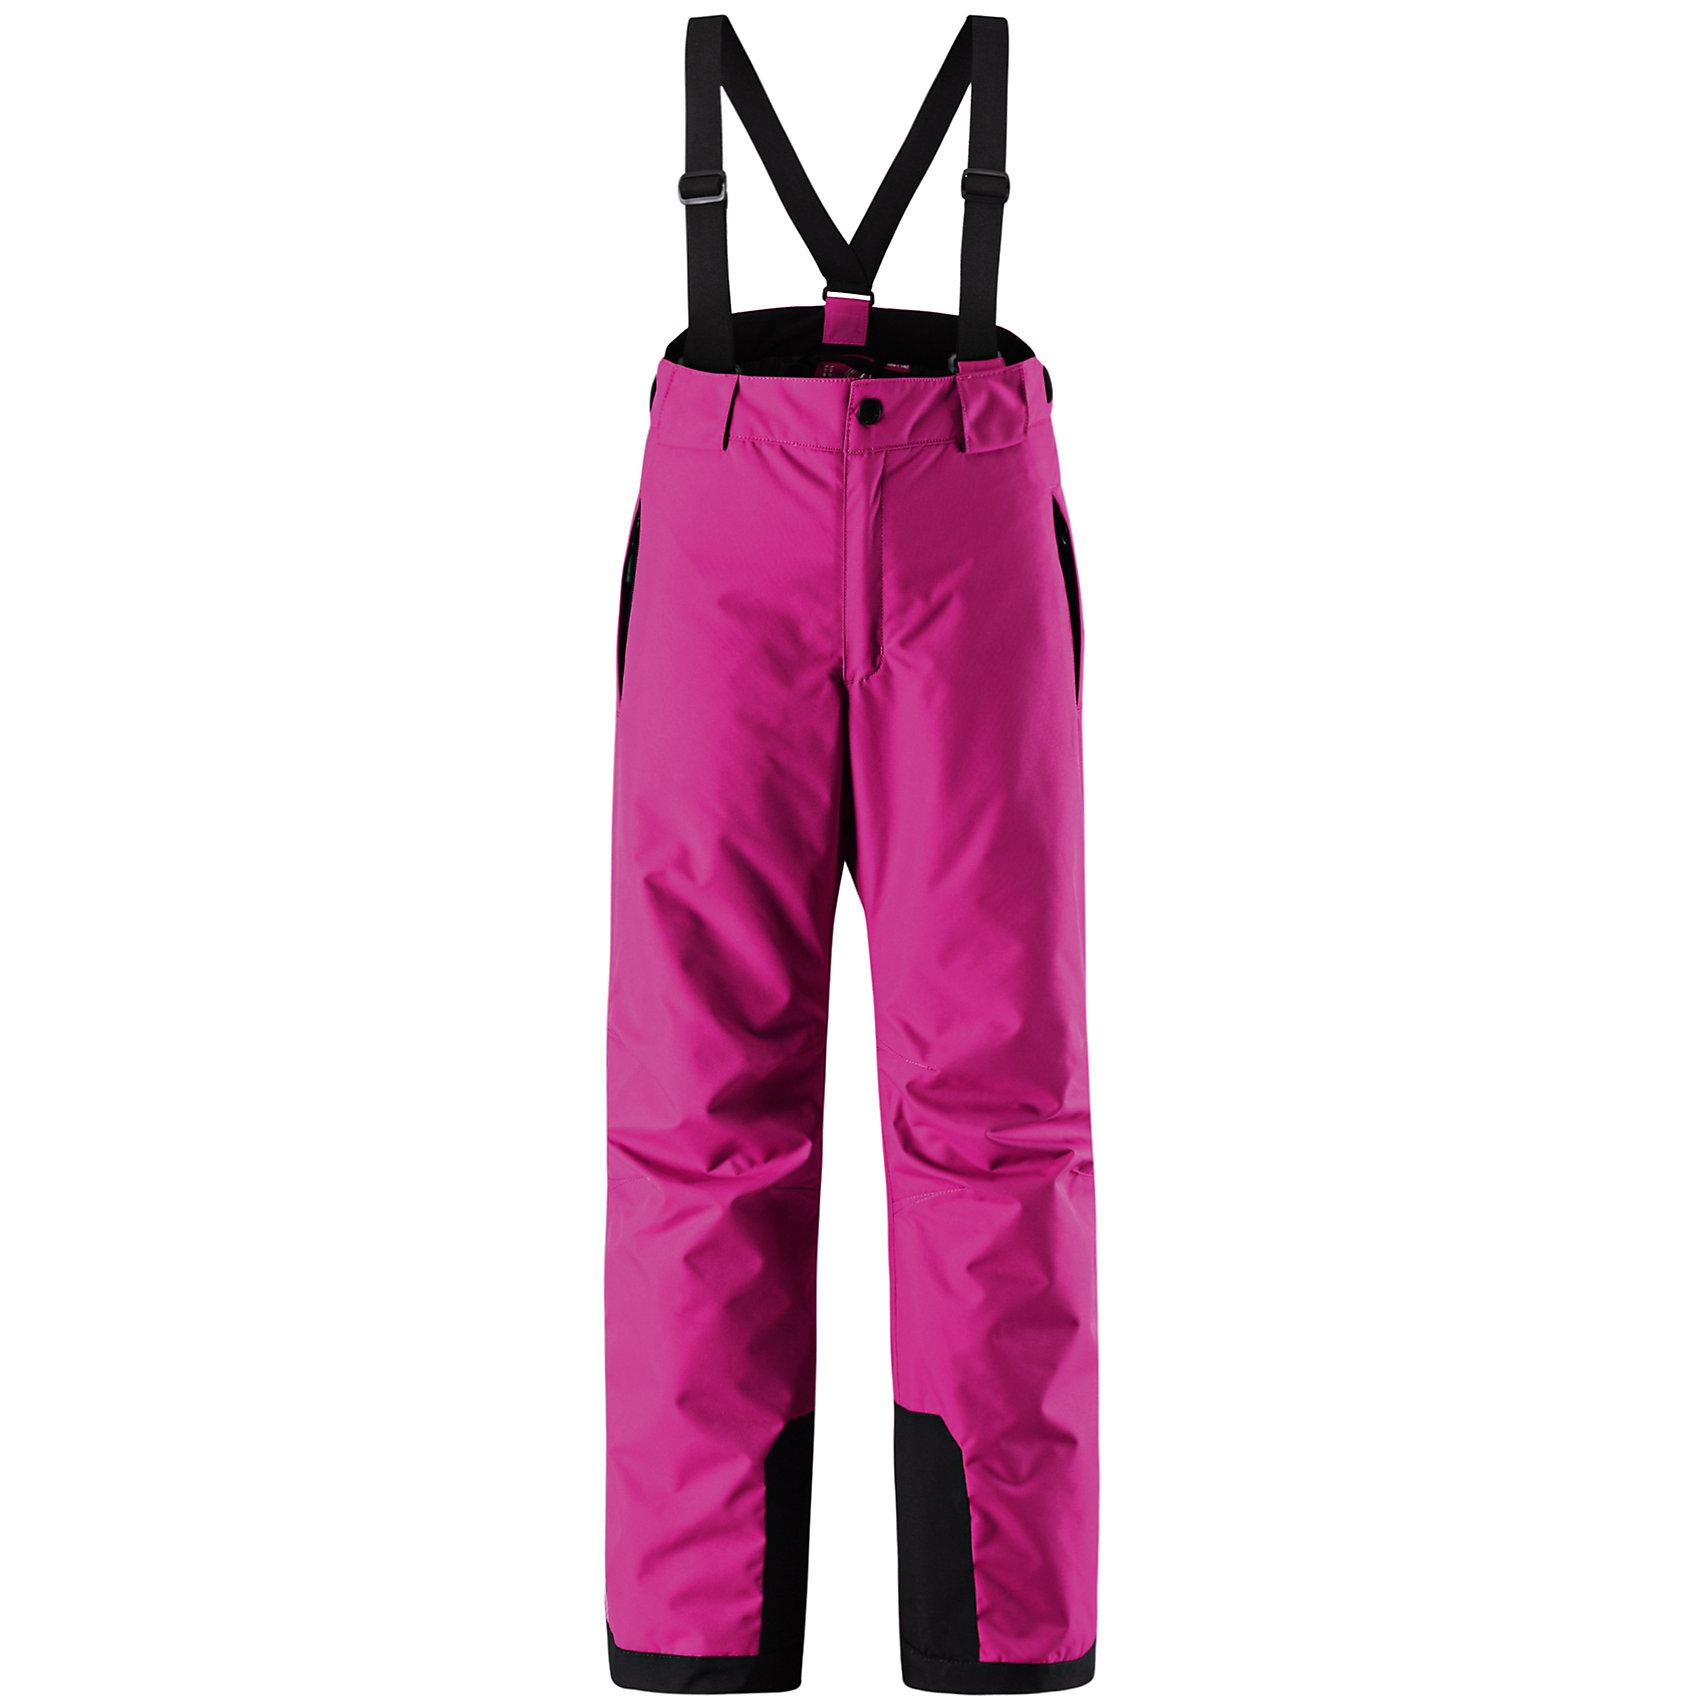 Брюки ReimaБрюки Reima (Рейма), розовый от известного финского производителя  детской одежды Reima. Зимние брюки для девочки выполнены из полиэстера, который обладает высокой износоустойчивостью, воздухопроницаемыми, водооталкивающими и грязеотталкивающими свойствами. Изделие устойчиво к изменению формы и цвета даже при длительном использовании. Силуэт изделия имеет классическую форму: прямые брюки с высокой посадкой, съемными подтяжками и широким поясом. Пояс по ширине регулируется застежками на липучках, по бокам брюк имеются втачные карманы с застежками-молниями. У брюк все швы проклеенные, снизу брючин предусмотрена блокировка на кнопках от попадания снега. Зимние брюки от Reima  можно носить при температуре до - 20 градусов.    <br><br>Дополнительная информация:<br><br>- Предназначение: повседневная одежда для прогулок и активного отдыха<br>- Цвет: розовый<br>- Пол: для девочки<br>- Состав: 100% полиэстер, полиуретановое покрытие<br>- Сезон: зима<br>- Особенности ухода: стирать изделие, предварительно вывернув его на левую сторону, не использовать отбеливающие вещества<br><br>Подробнее:<br><br>• Для детей в возрасте: от 9 лет и до 10 лет<br>• Страна производитель: Китай<br>• Торговый бренд: Reima, Финляндия<br><br>Брюки Reima (Рейма), розовый можно купить в нашем интернет-магазине.<br><br>Ширина мм: 215<br>Глубина мм: 88<br>Высота мм: 191<br>Вес г: 336<br>Возраст от месяцев: 144<br>Возраст до месяцев: 156<br>Пол: Женский<br>Возраст: Детский<br>Размер: 158,146,134,164,128,140,152<br>SKU: 4869747